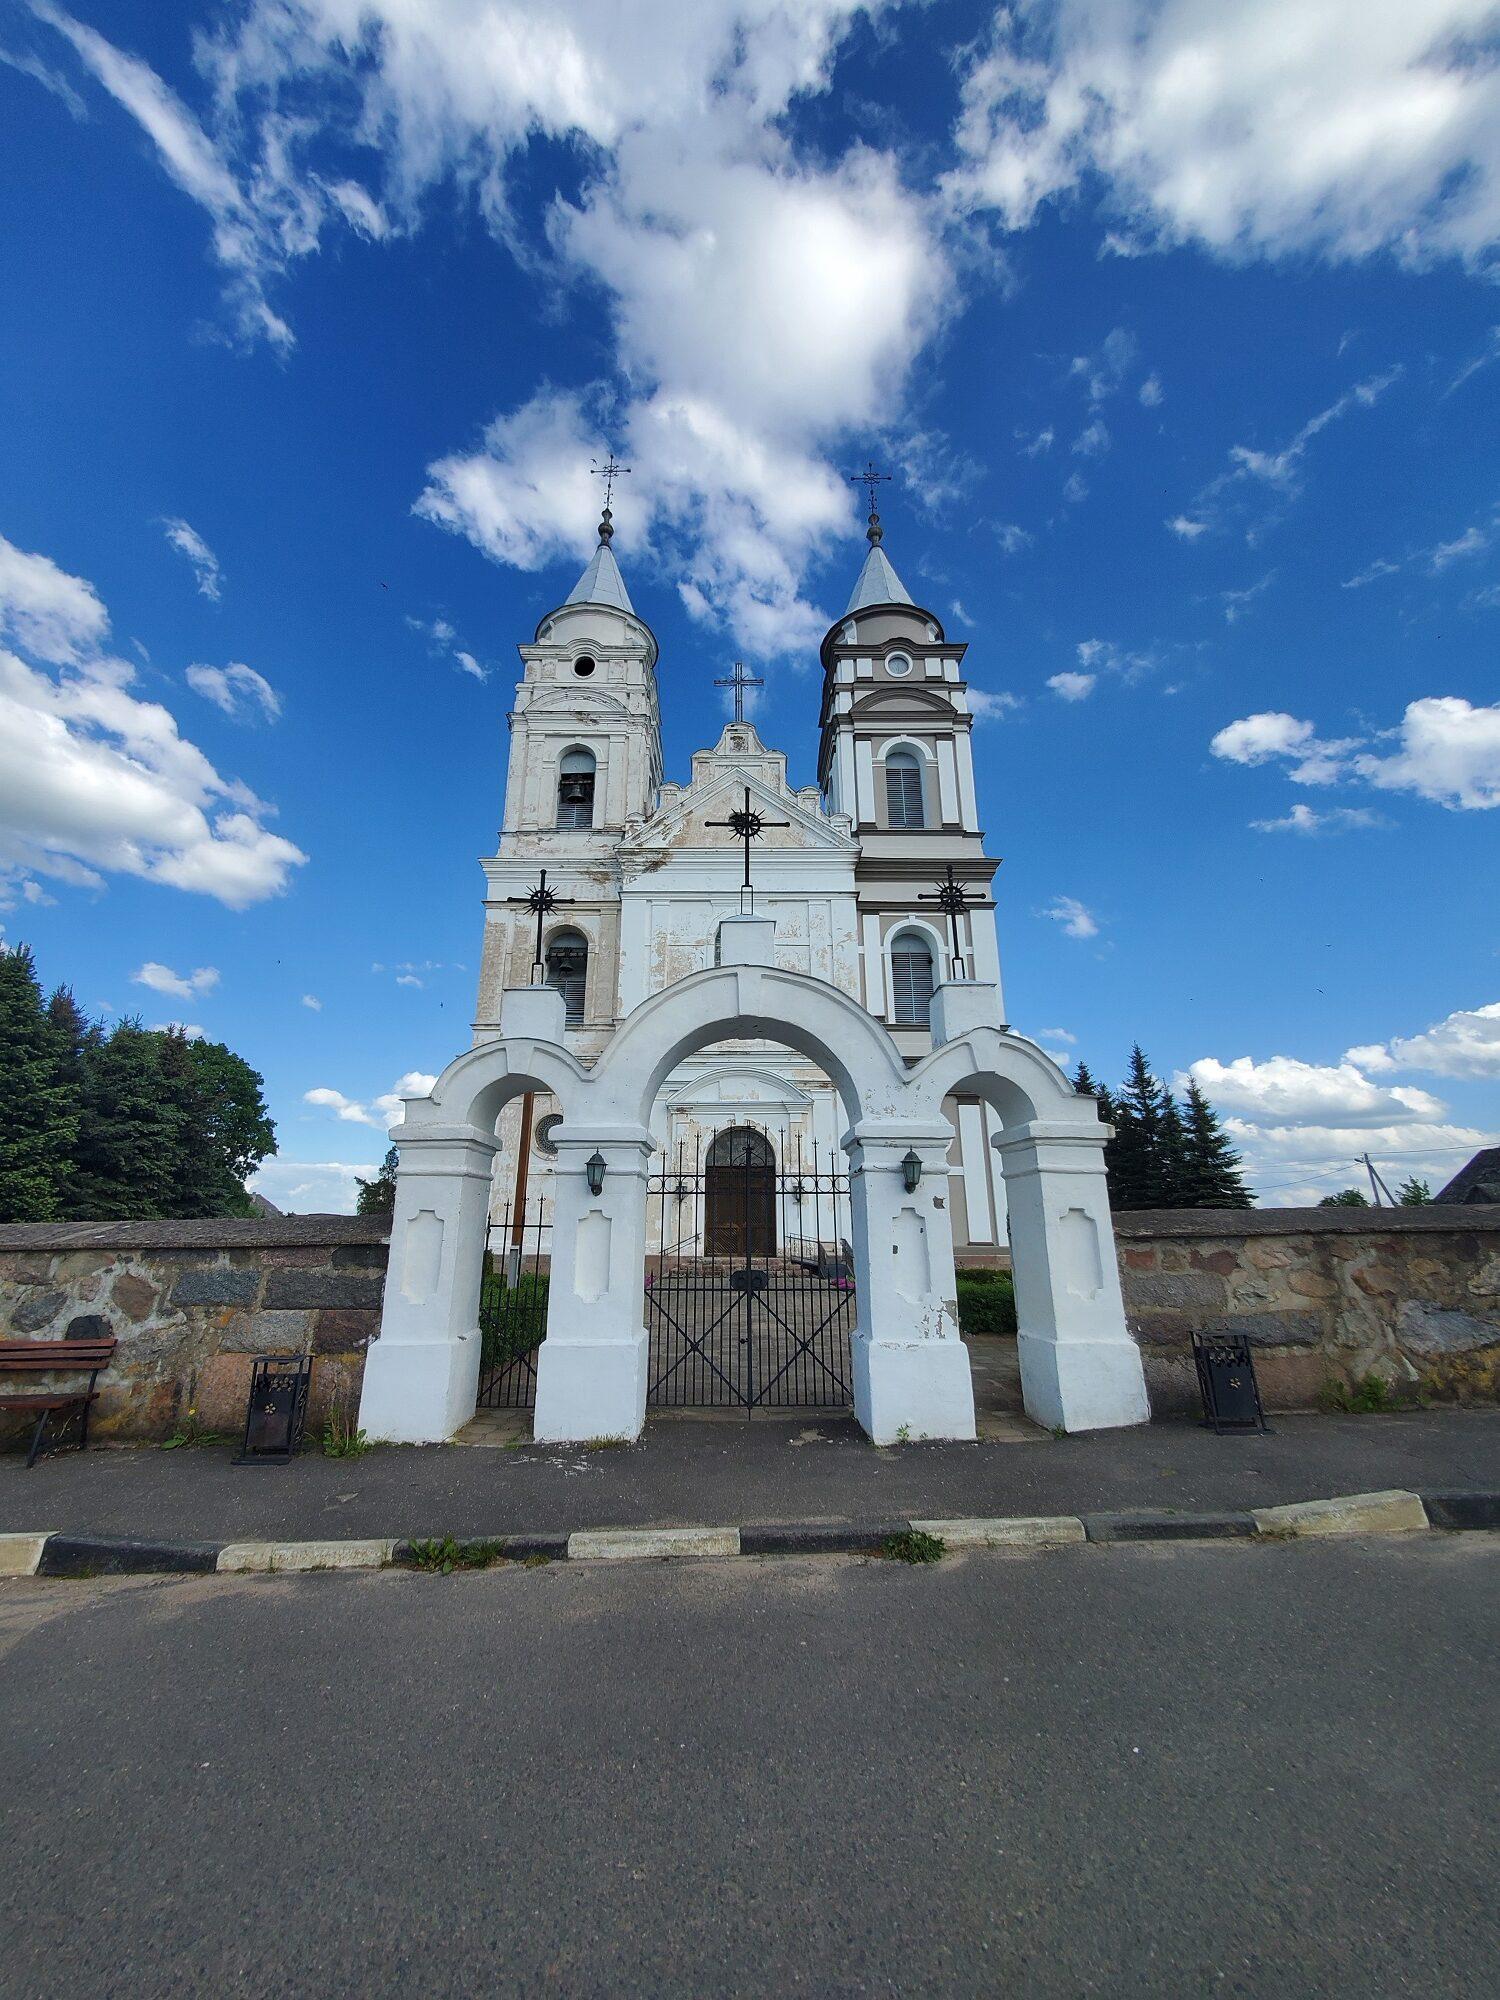 20200606 165337 rotated - Костел Пресвятой Девы Марии в деревне Парафьяново